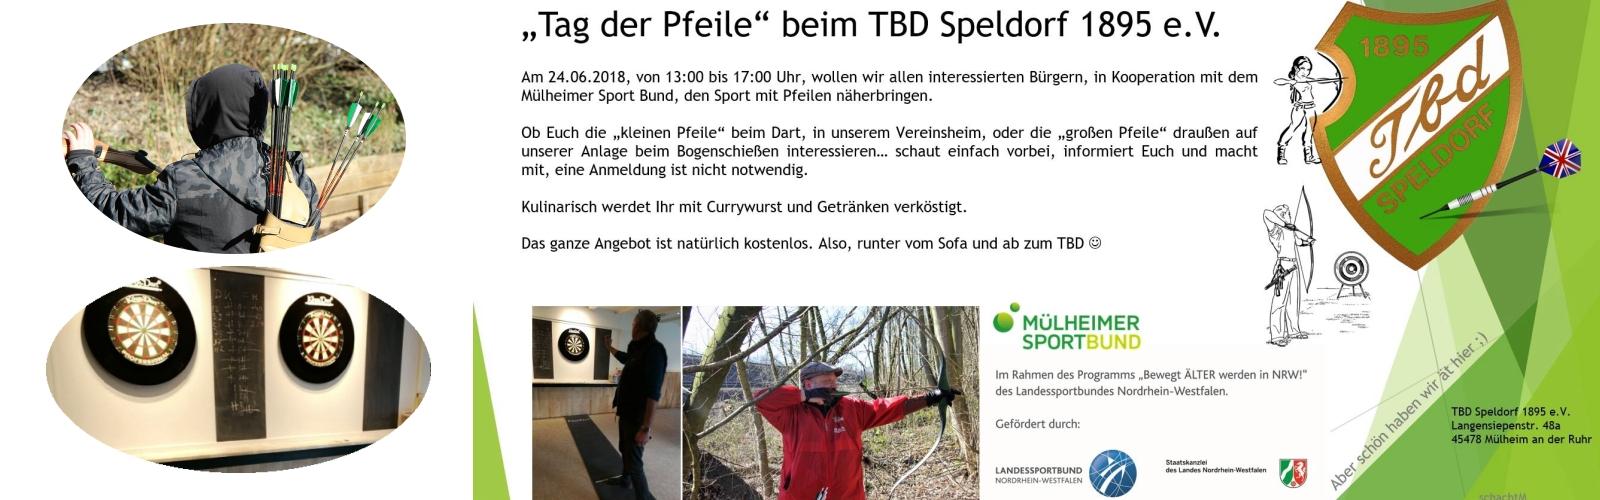 """Tag der Pfeile"""" beim TBD Speldorf 1895 e.V."""